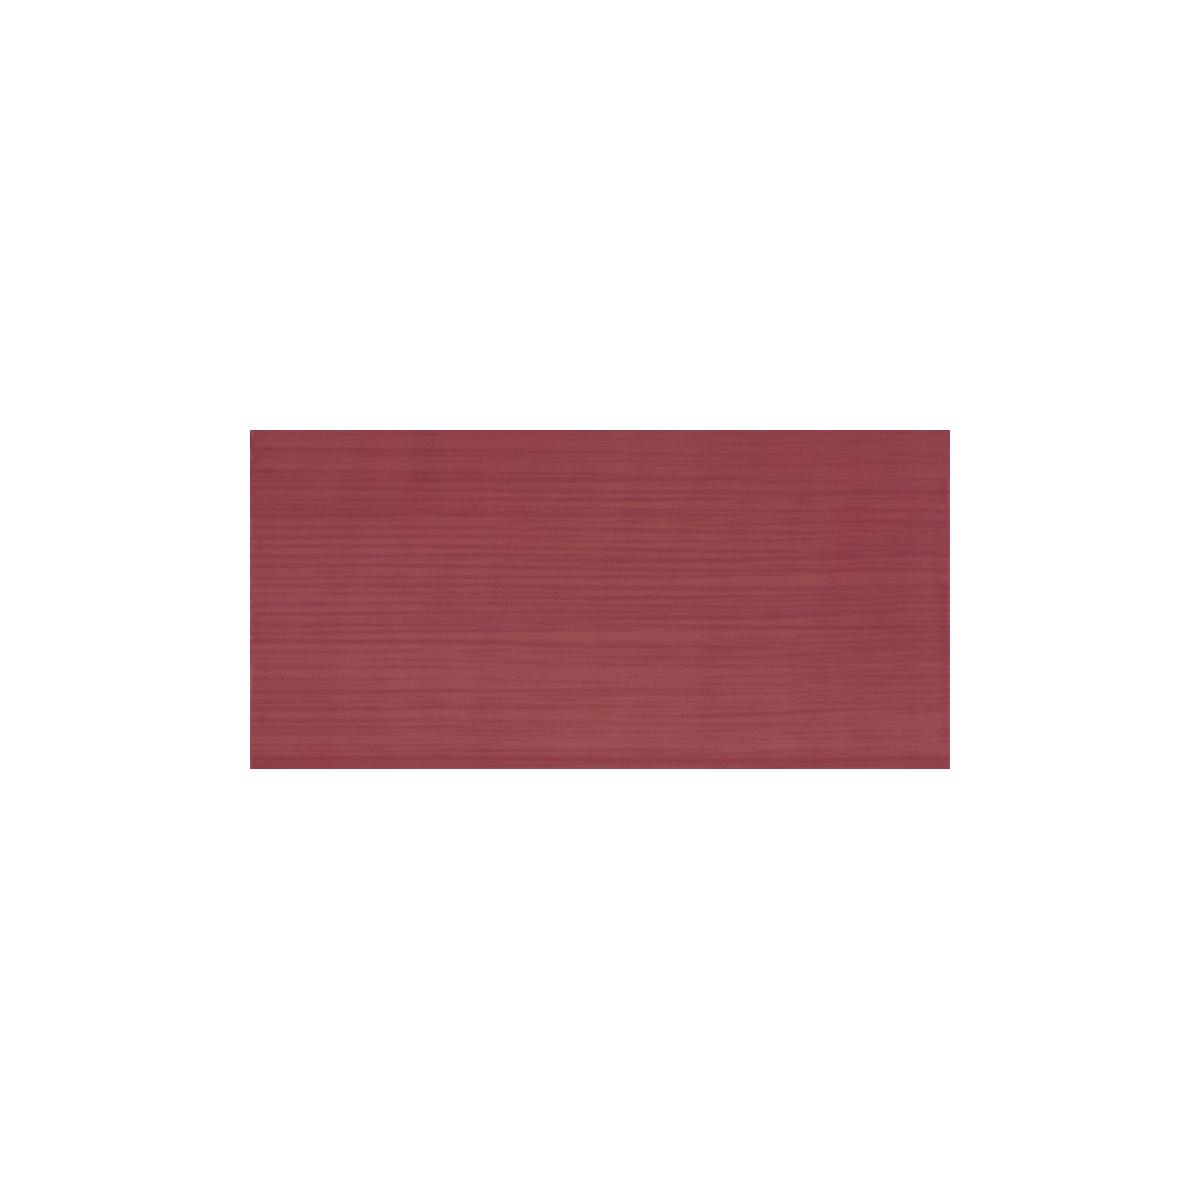 Glam Rosso (Caja de 1 m2)